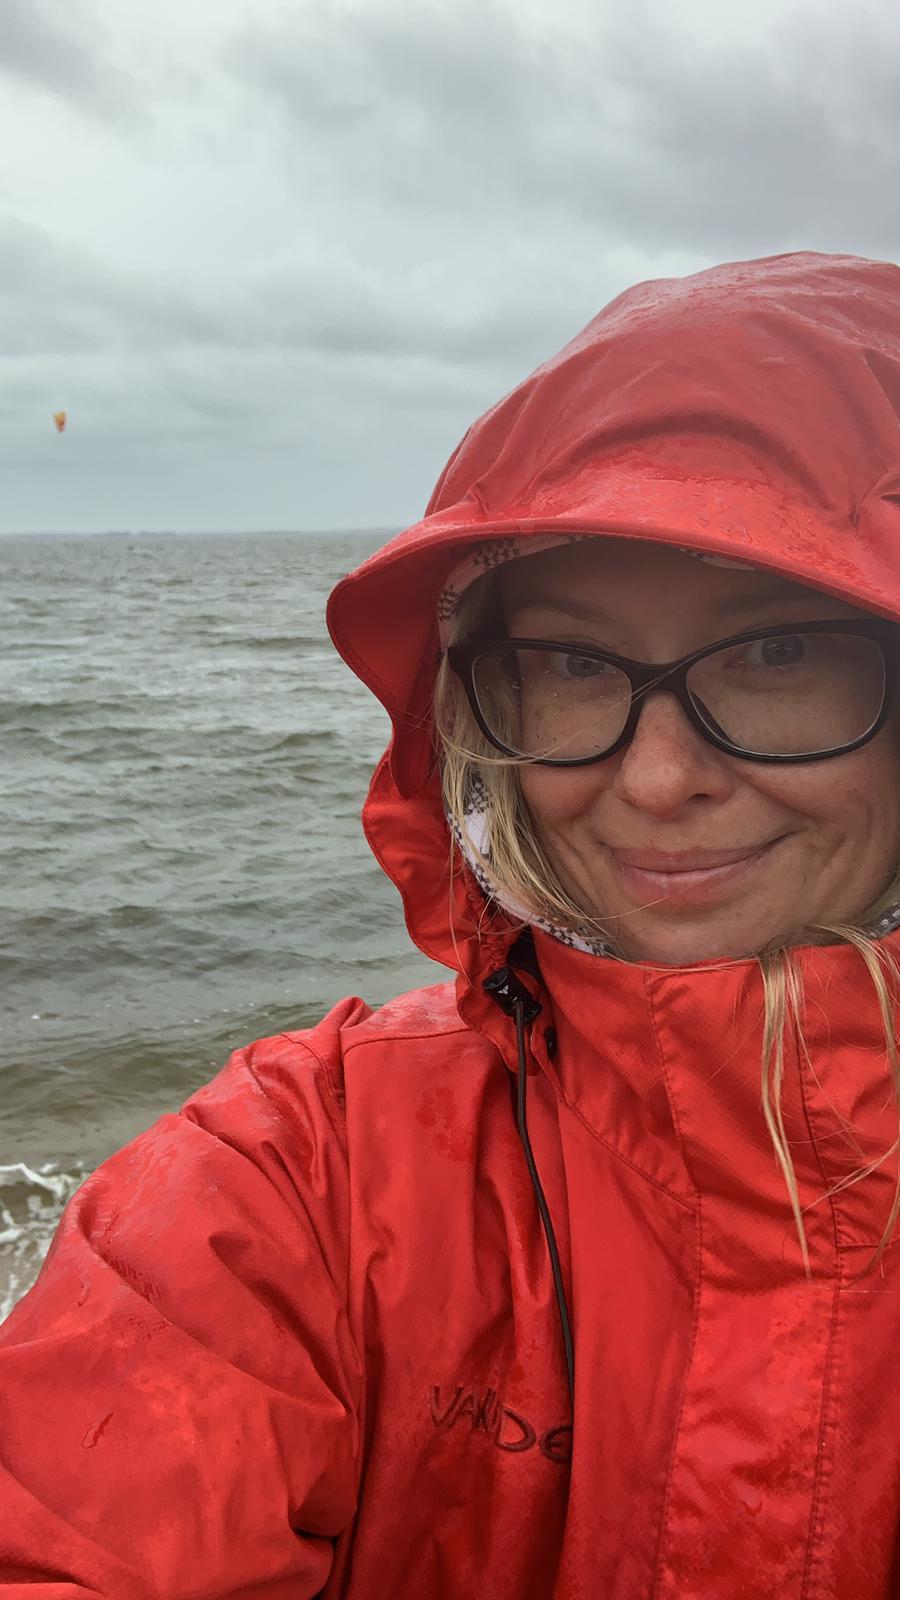 Gretel in Regenjacke bei Schietwetter vor grauem Himmel